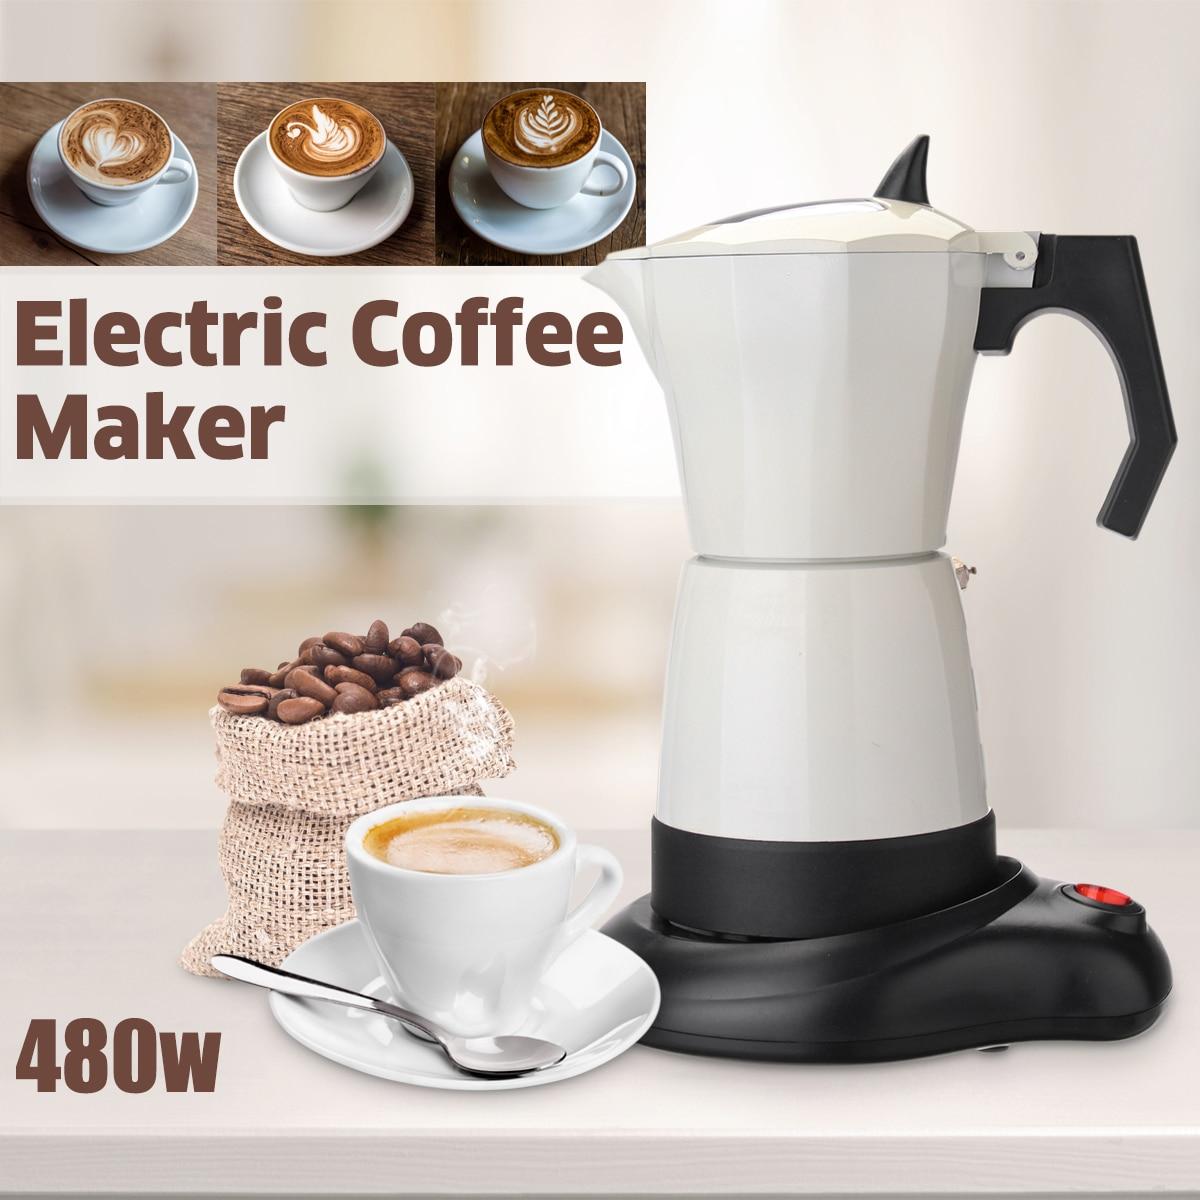 480 Вт 6 чашки Электрический Чай Кофе Maker горшок эспрессо Cafetera машина мокко съемный Кухня инструмент офис